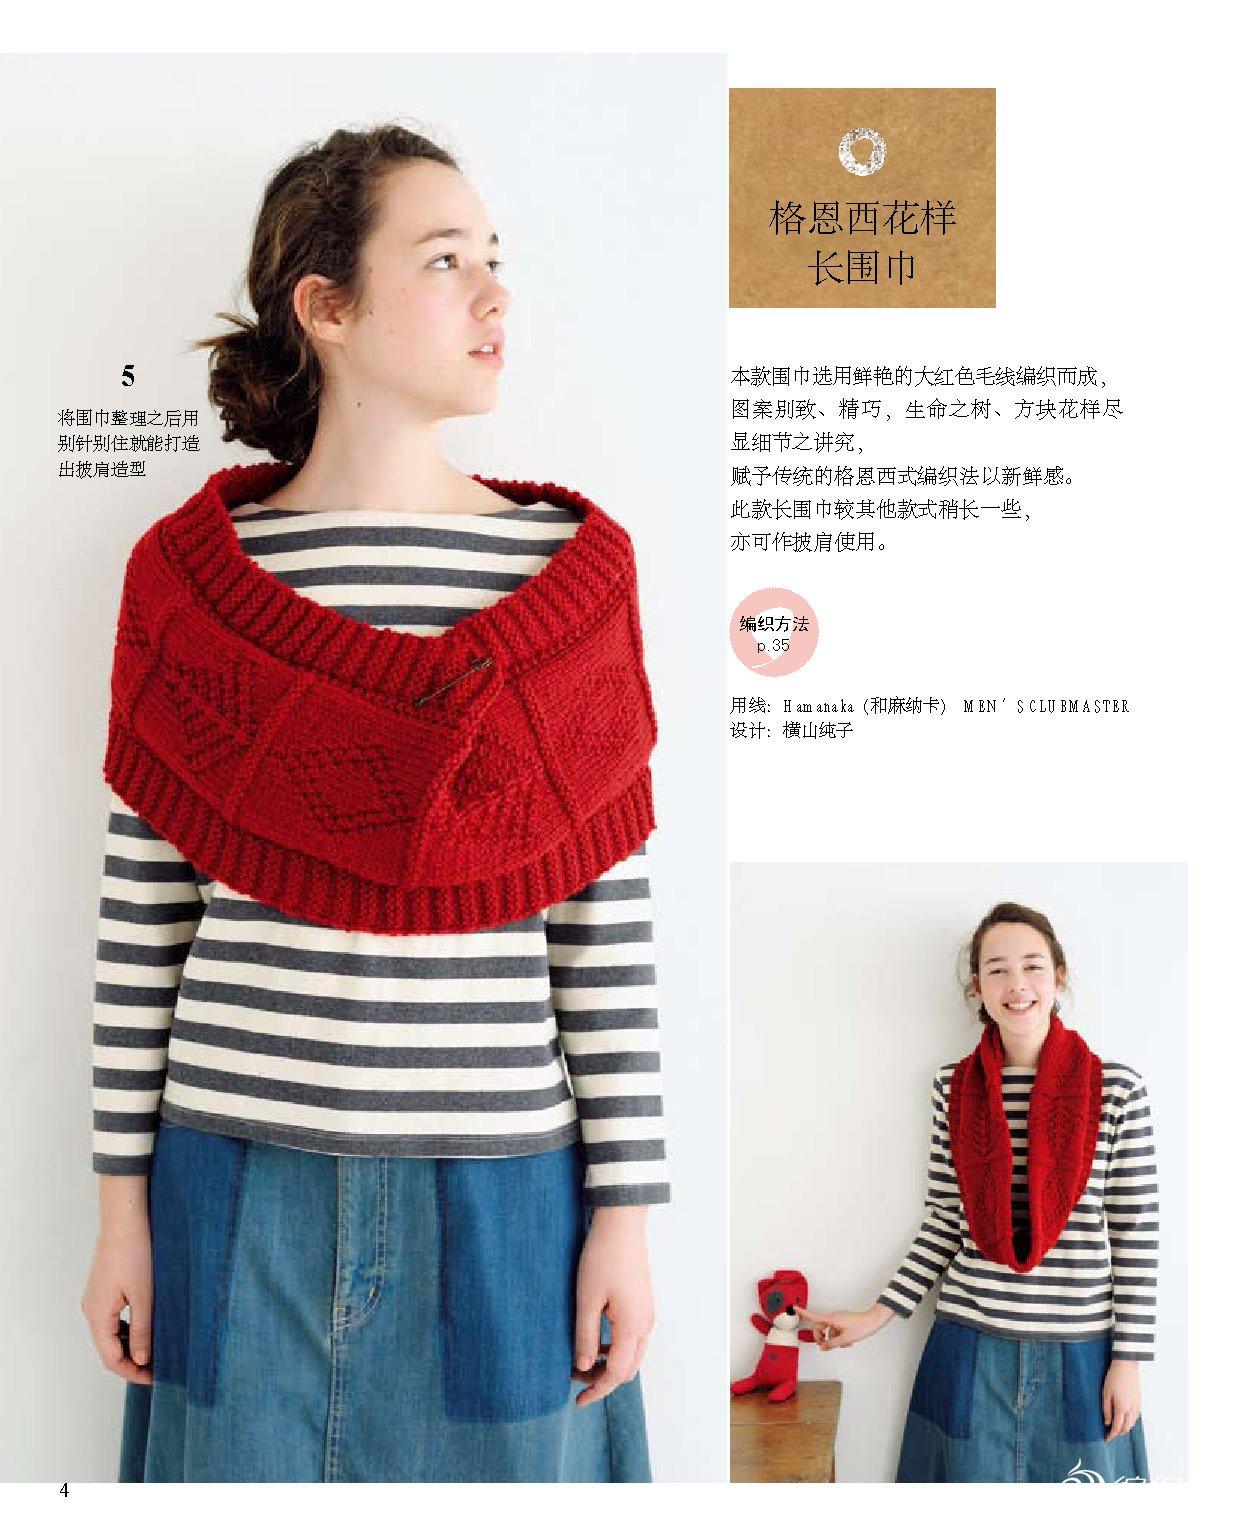 冬日温暖手工 围巾、披肩编织小可爱_页面_05.jpg